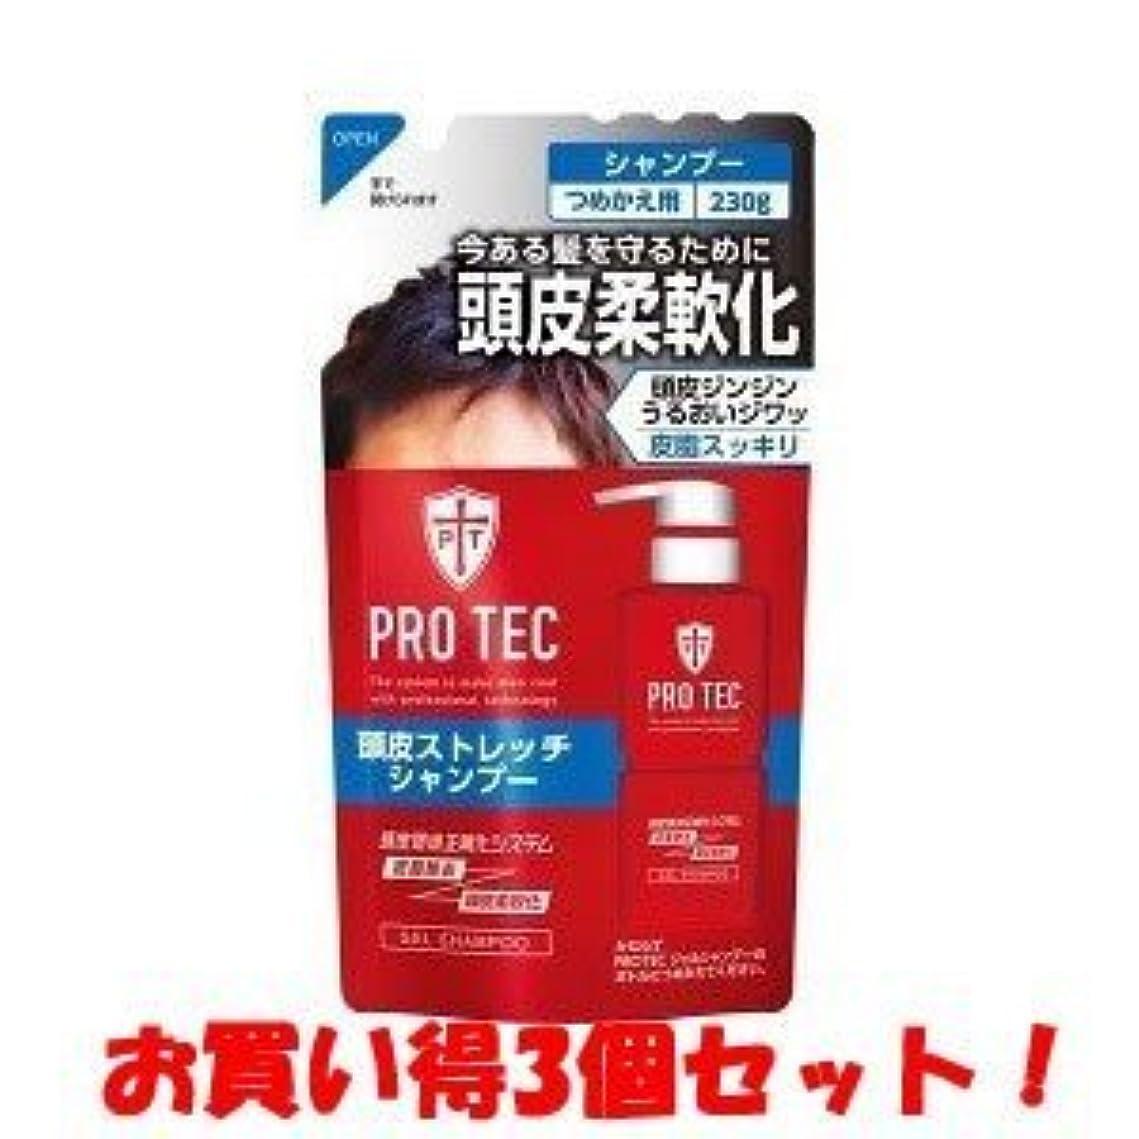 肉ピック拒否(ライオン)PRO TEC(プロテク) 頭皮ストレッチ シャンプー つめかえ用 230g(医薬部外品)(お買い得3個セット)